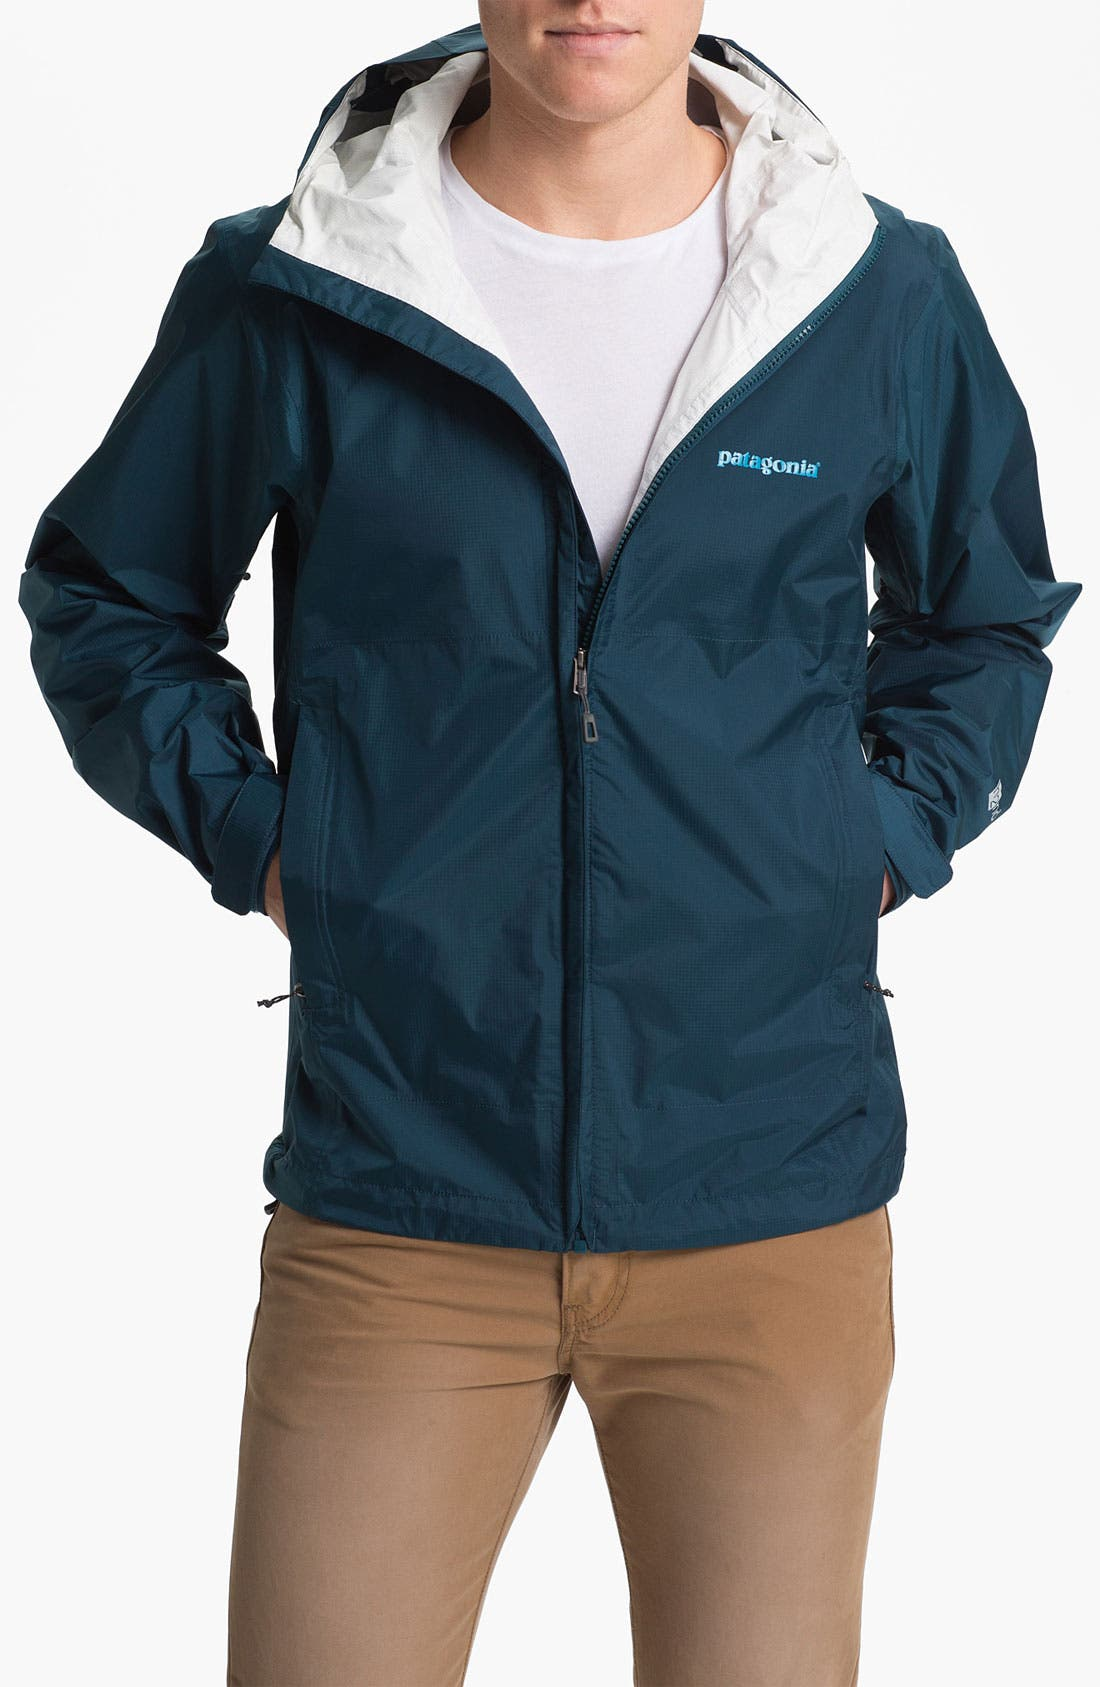 Alternate Image 1 Selected - Patagonia 'Torrentshell' Packable Rain Jacket